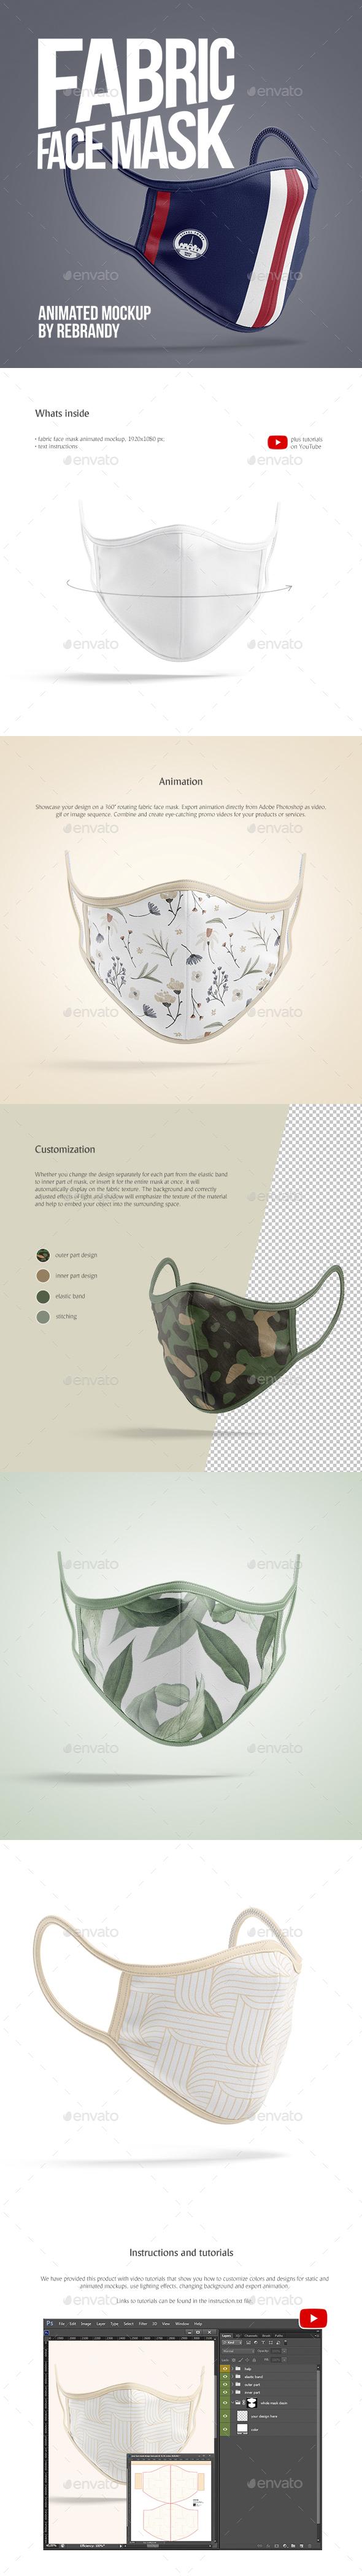 Fabric Face Mask Animated Mockup